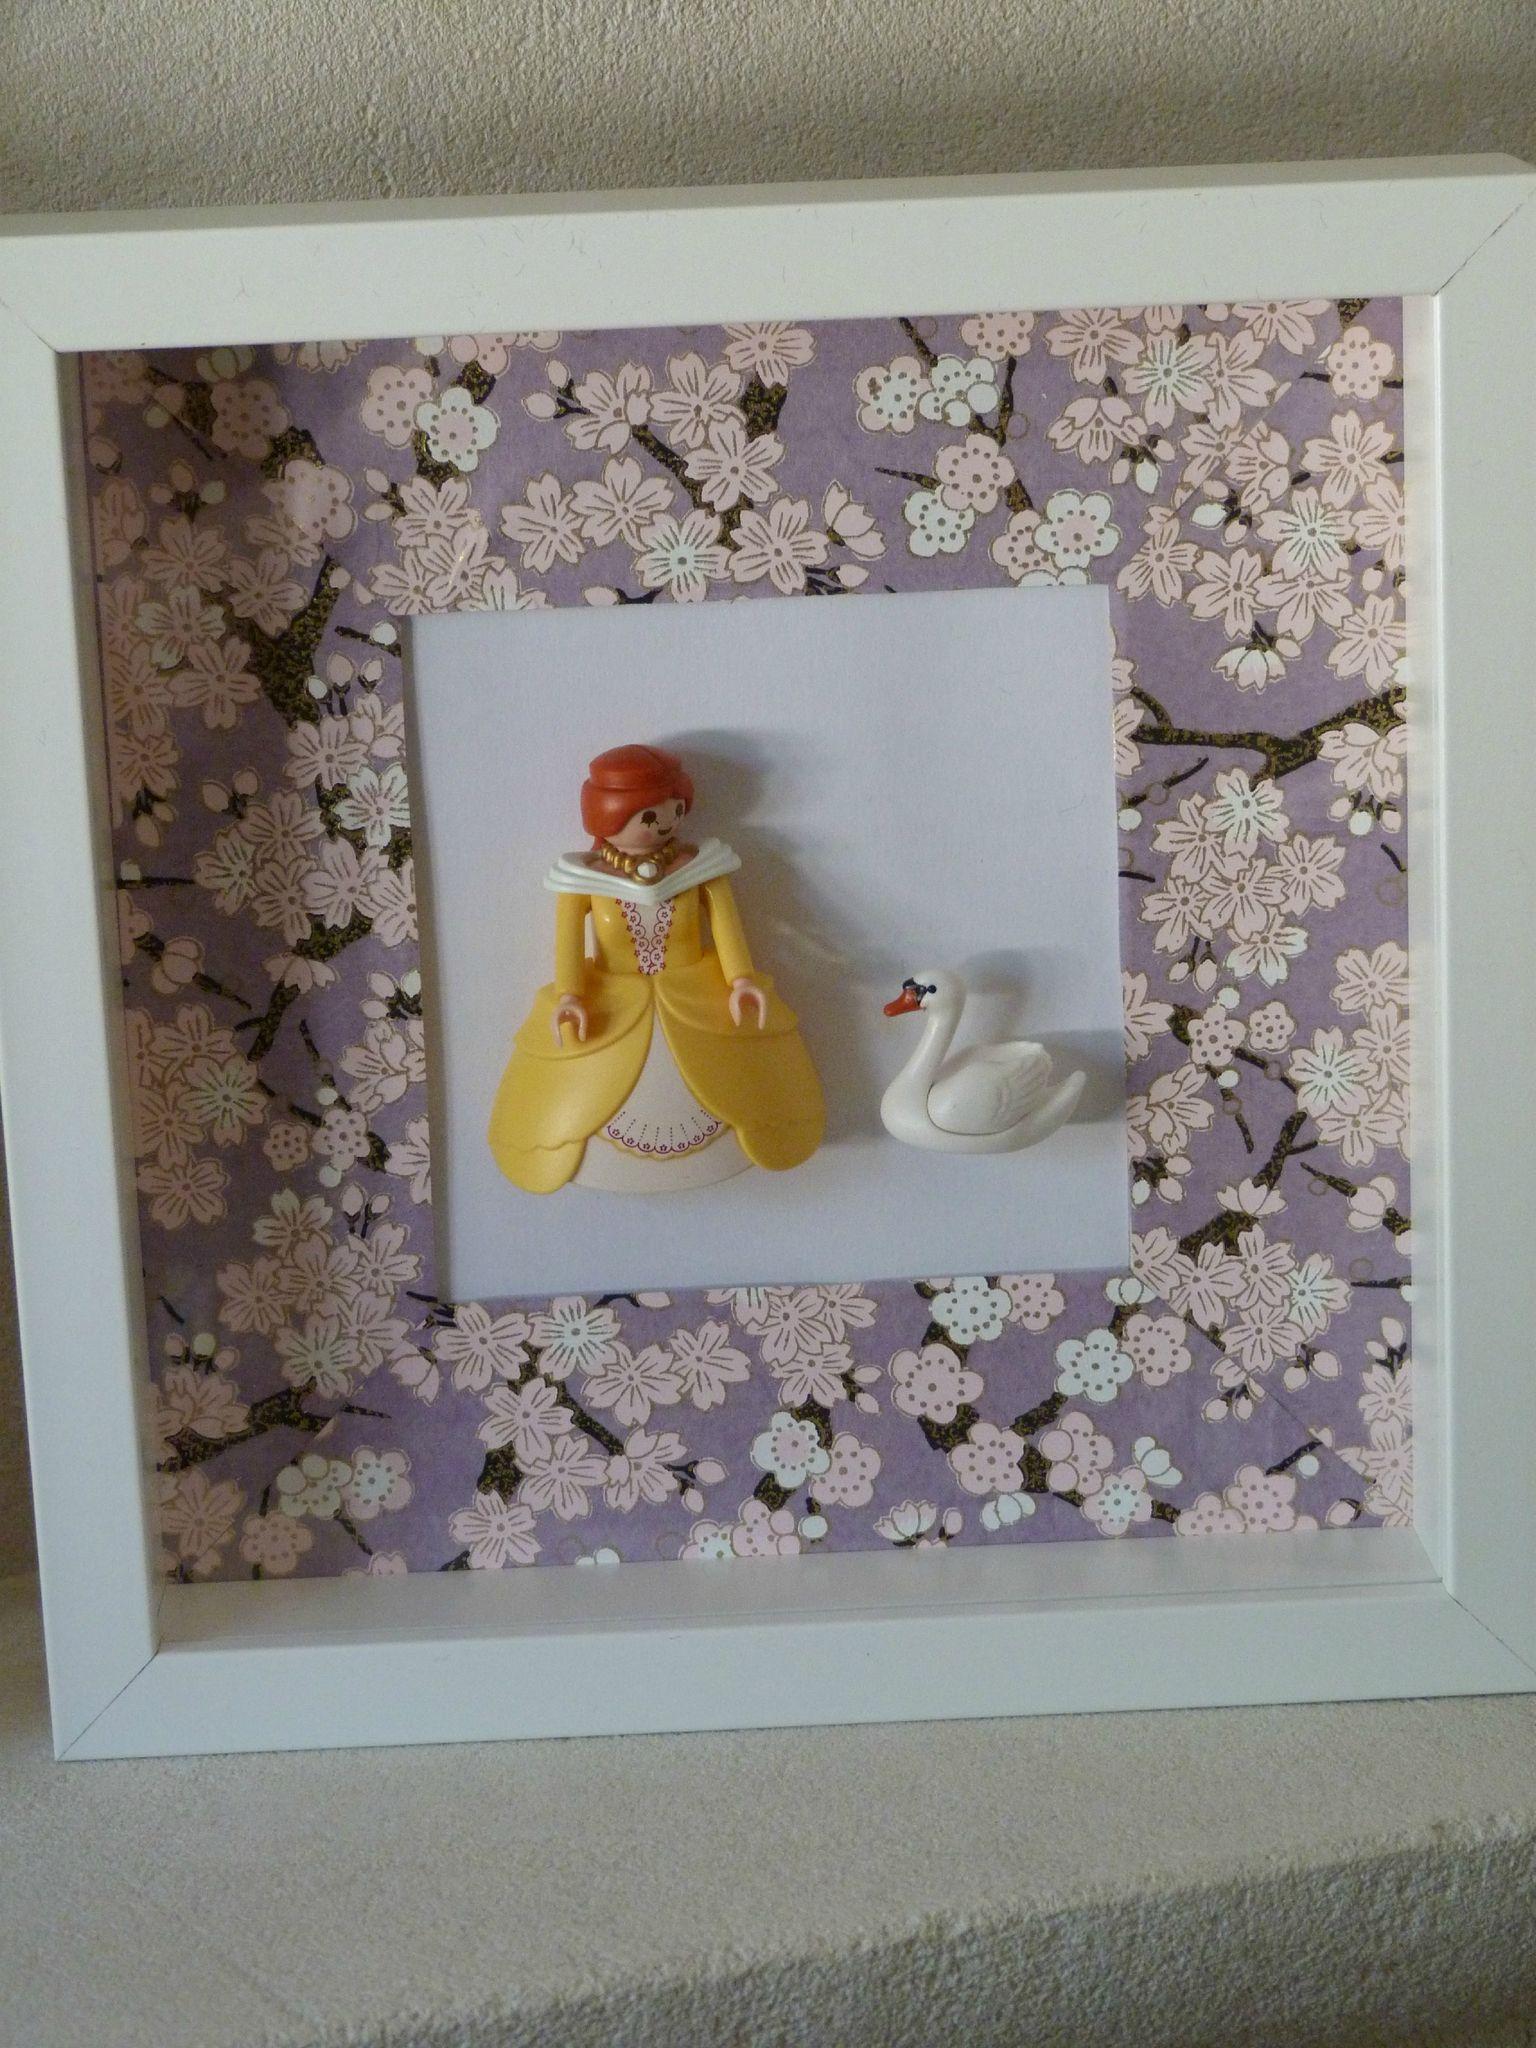 Cadre Photo A Faire Soi Meme pour deco-cadre-playmobil   stuff 2   pinterest   playmobil, cadres et